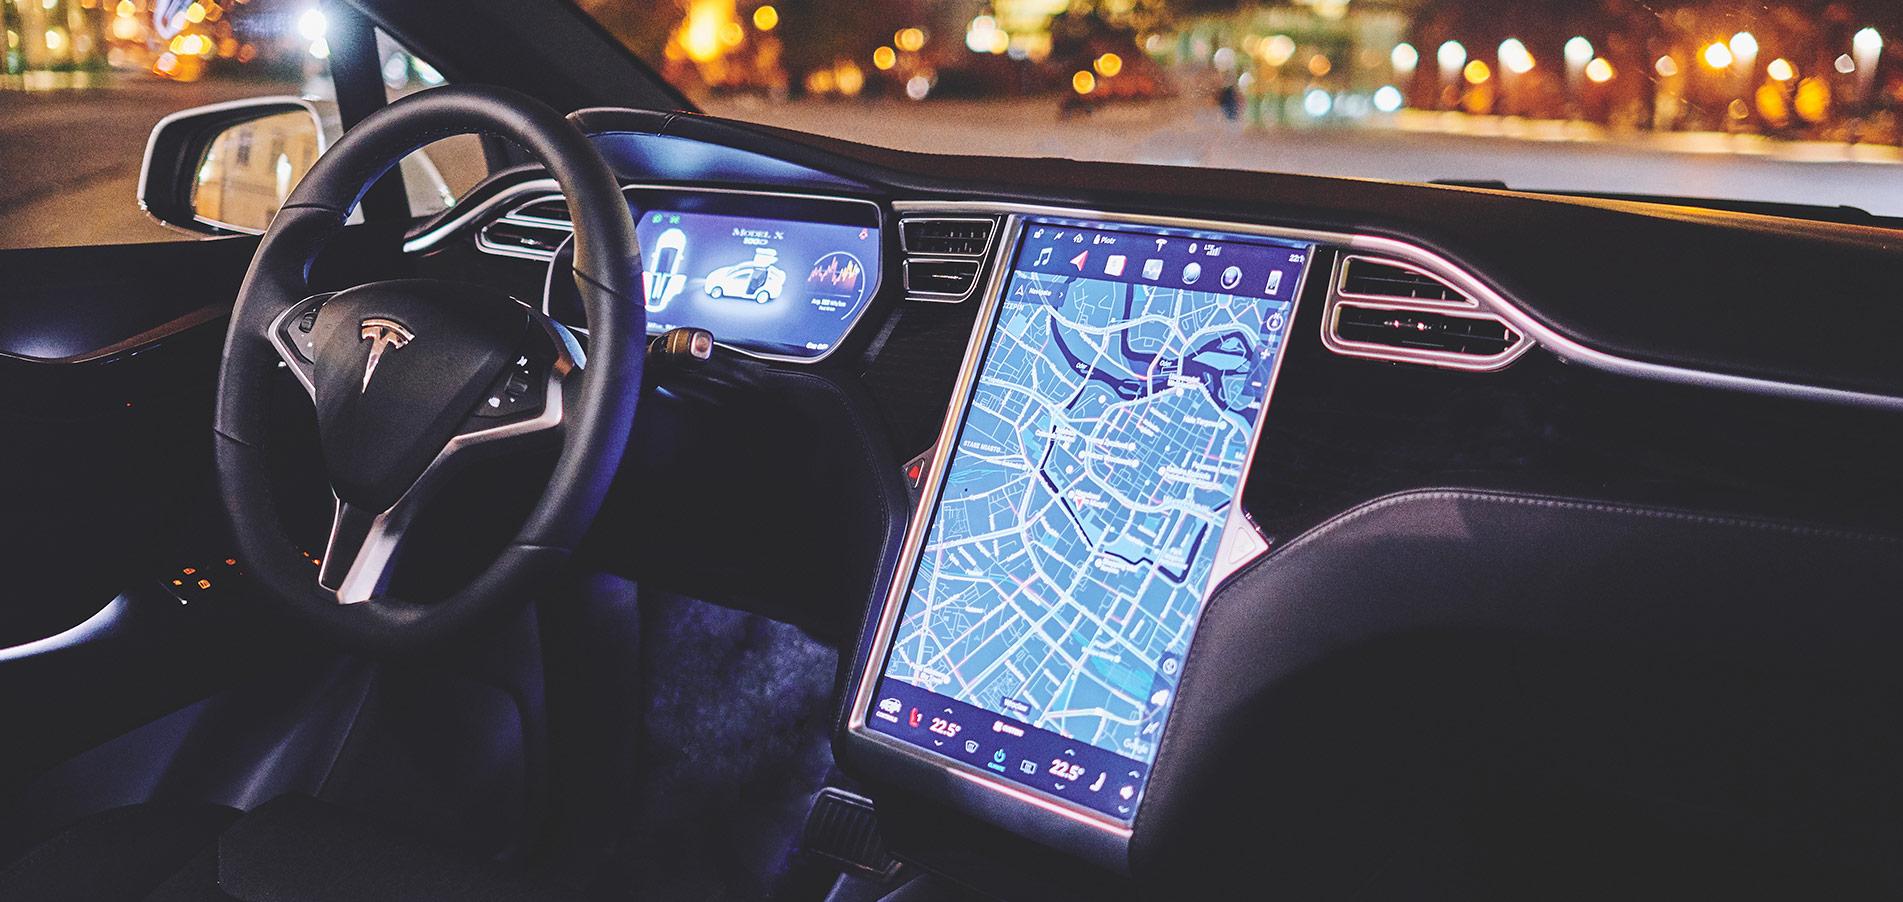 Tesla Autopilot Experience